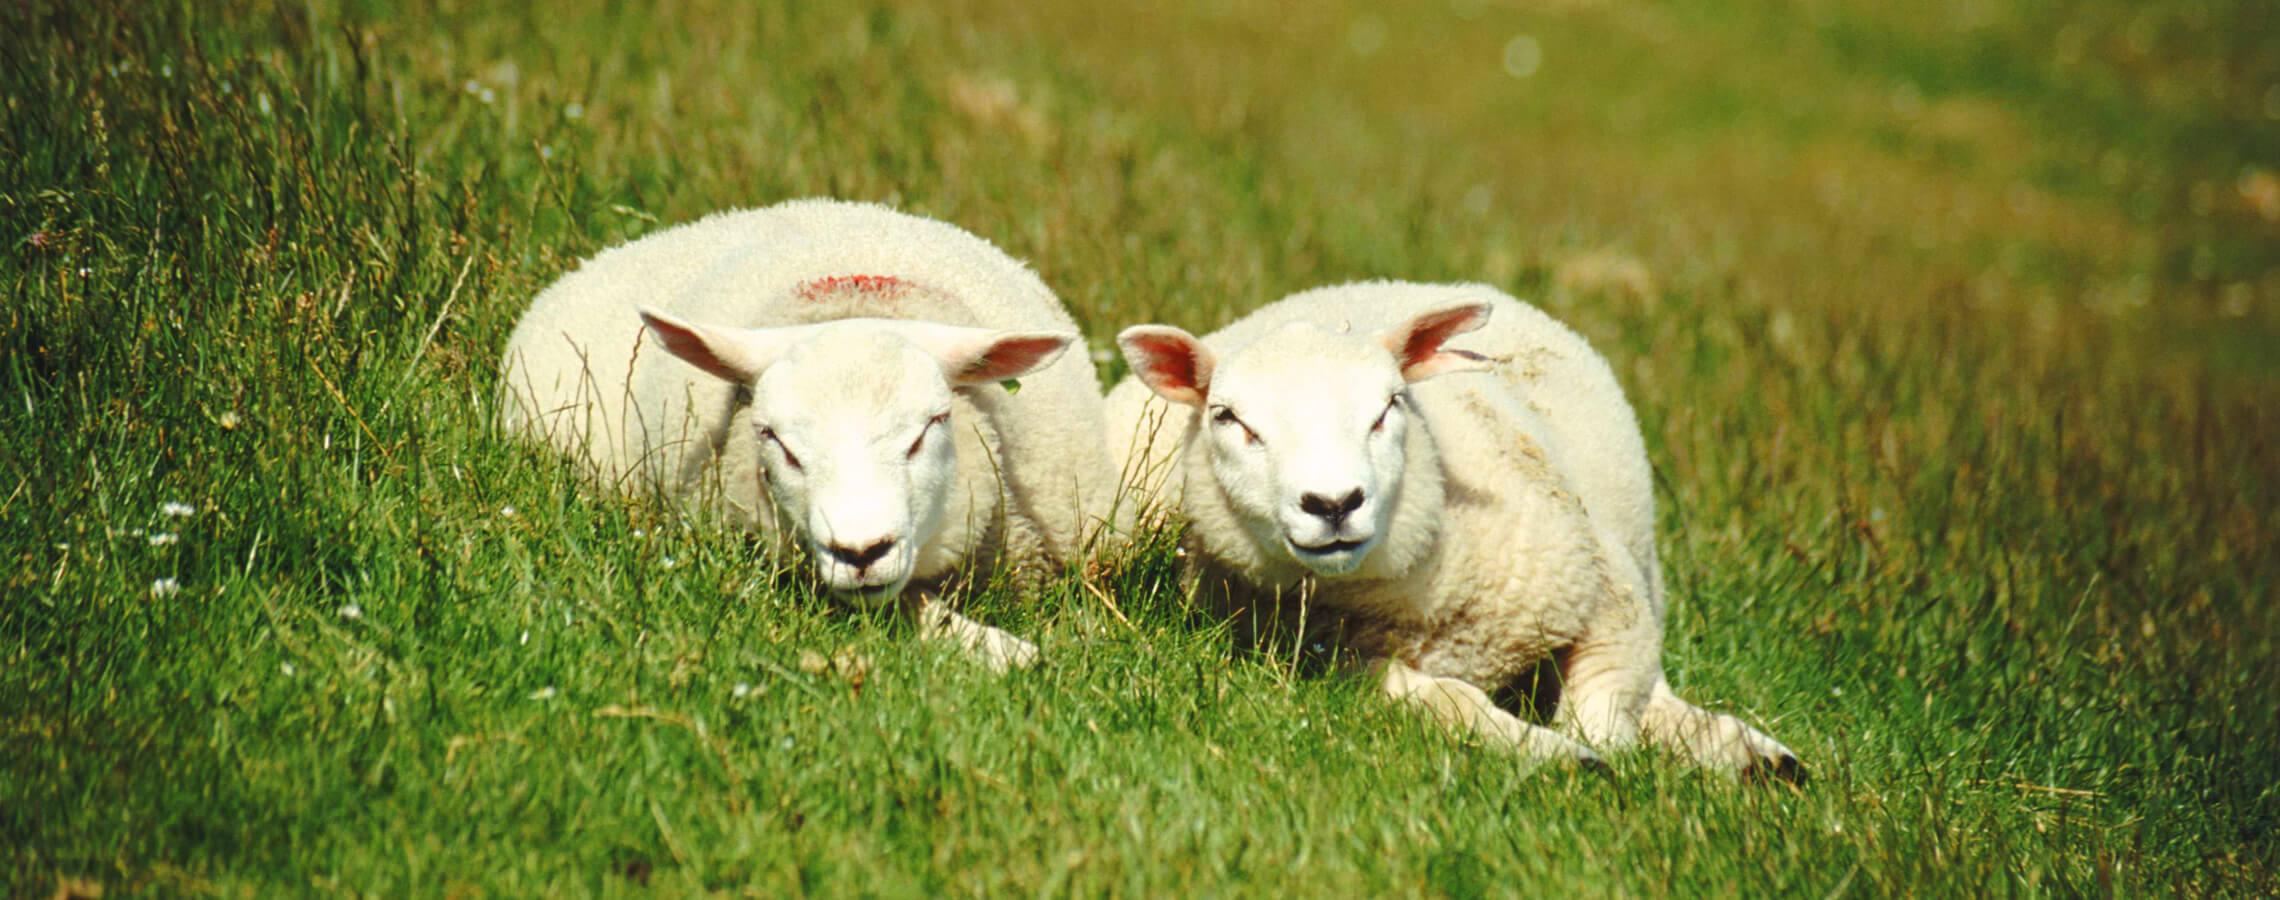 Sheep - HJ Lea Oakes